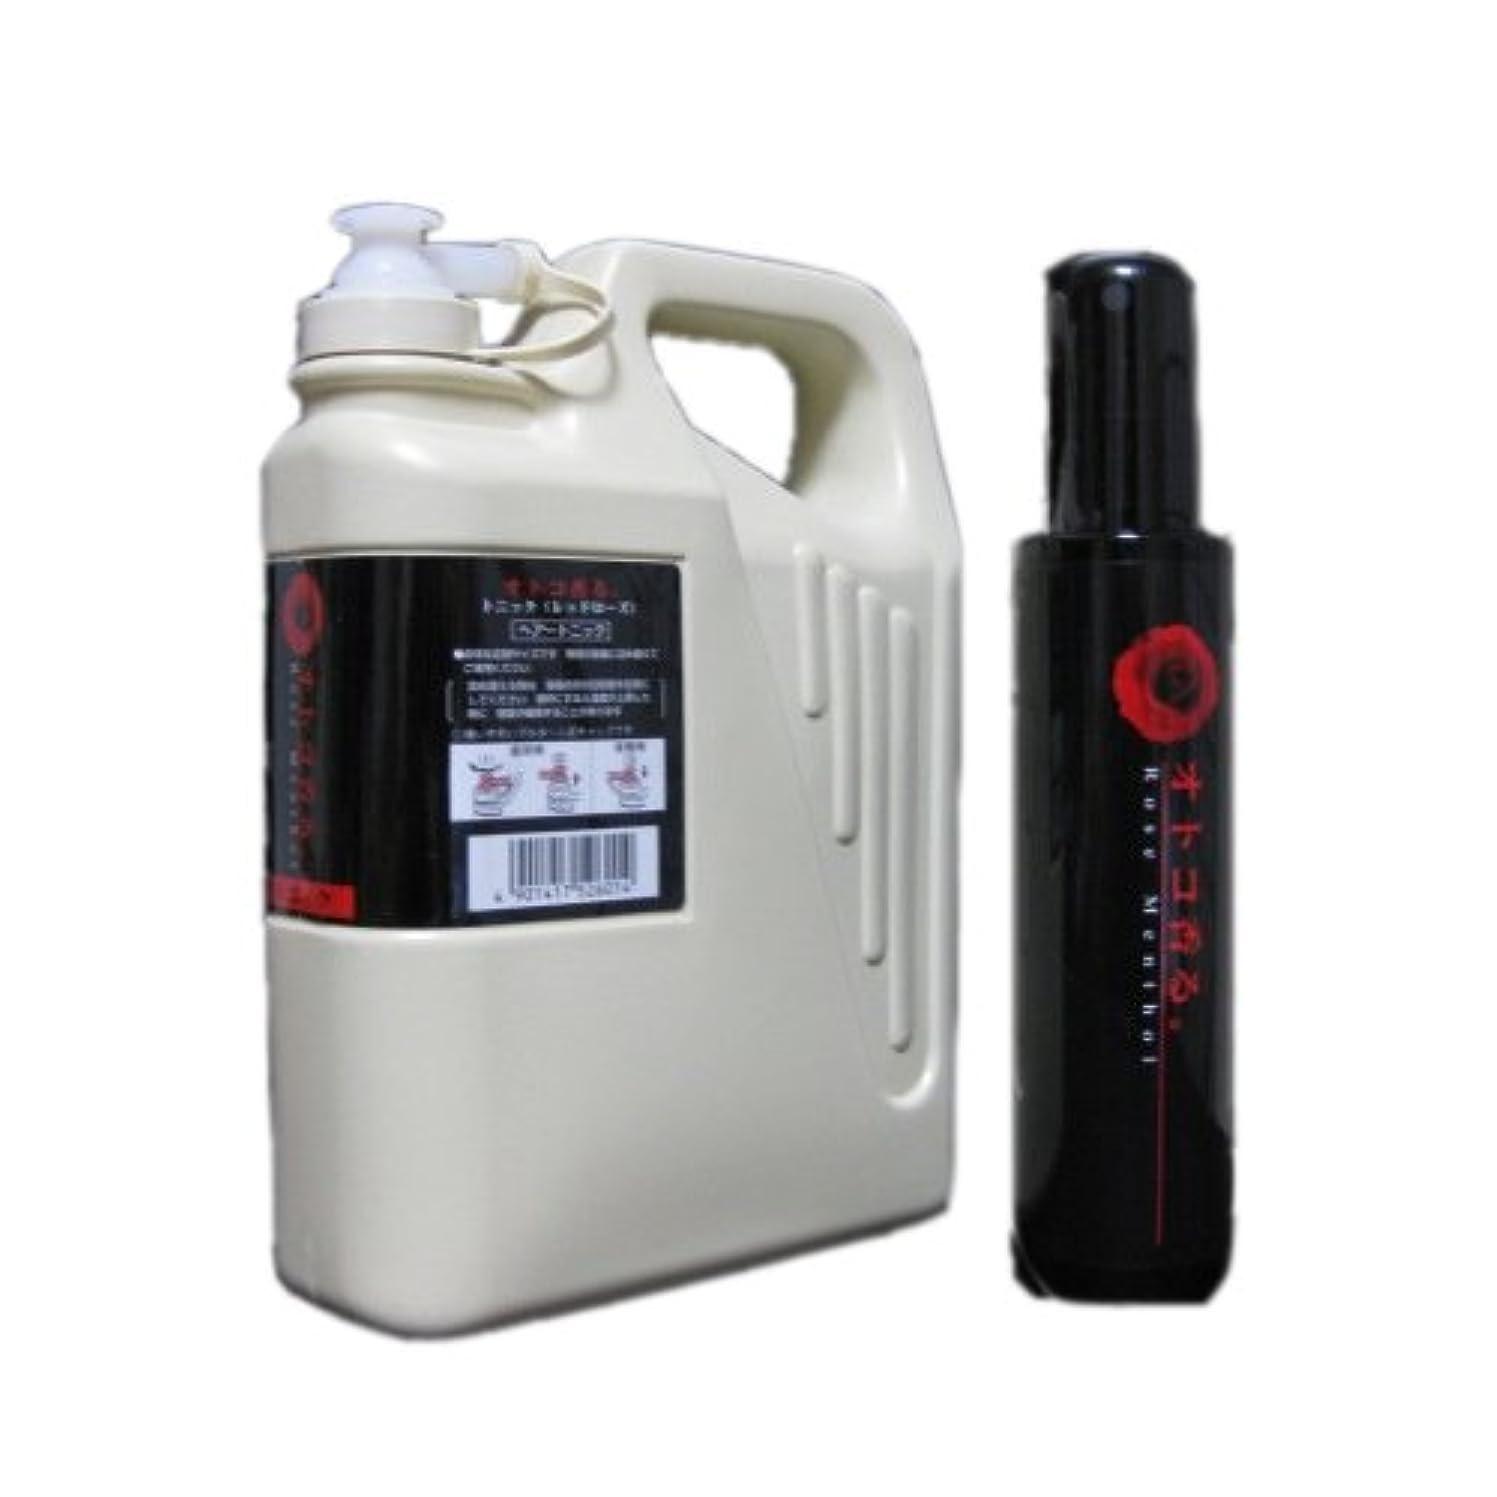 量で意図的警報クラシエ オトコ香る。フレグランストニック レッドローズ150ml+1050ml Lサイズ(業務・詰替用)セット